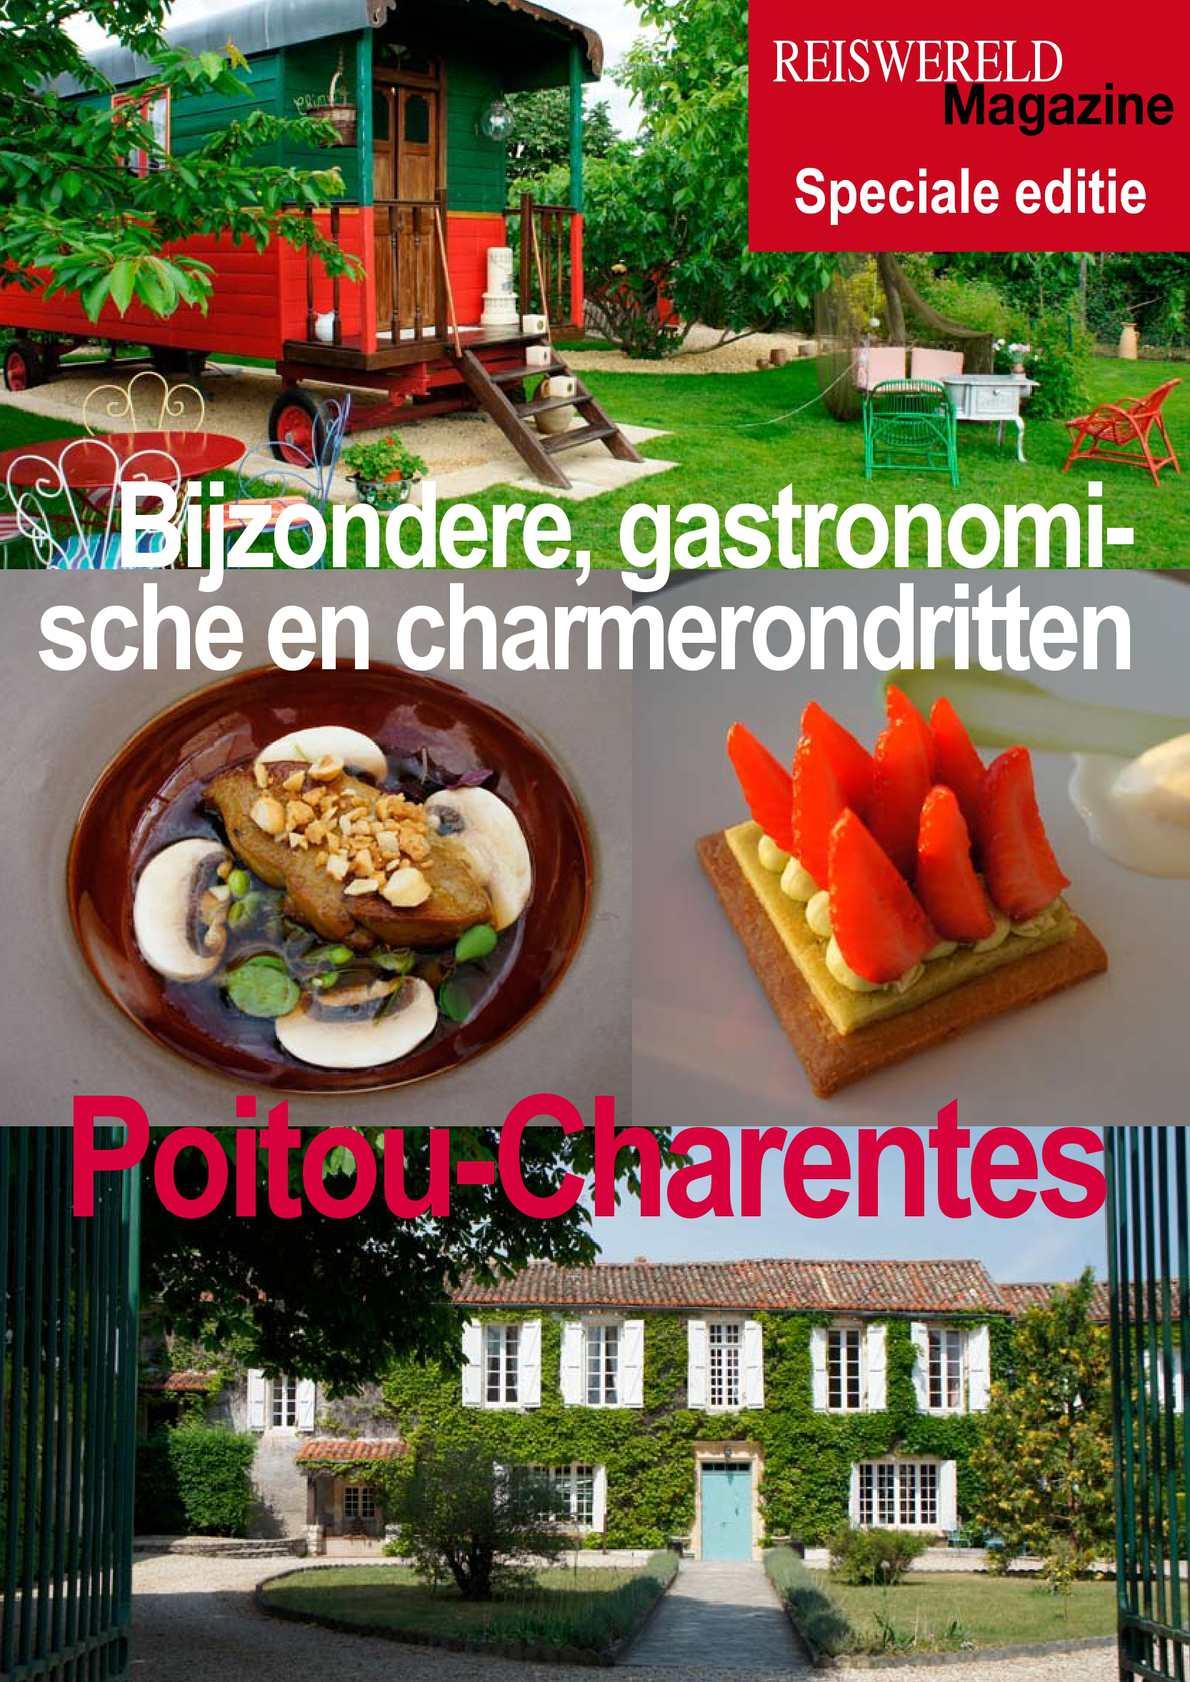 """De Poitou-Charentes """"anders bekeken"""", een reportage van Reiswereld Magazine.be"""